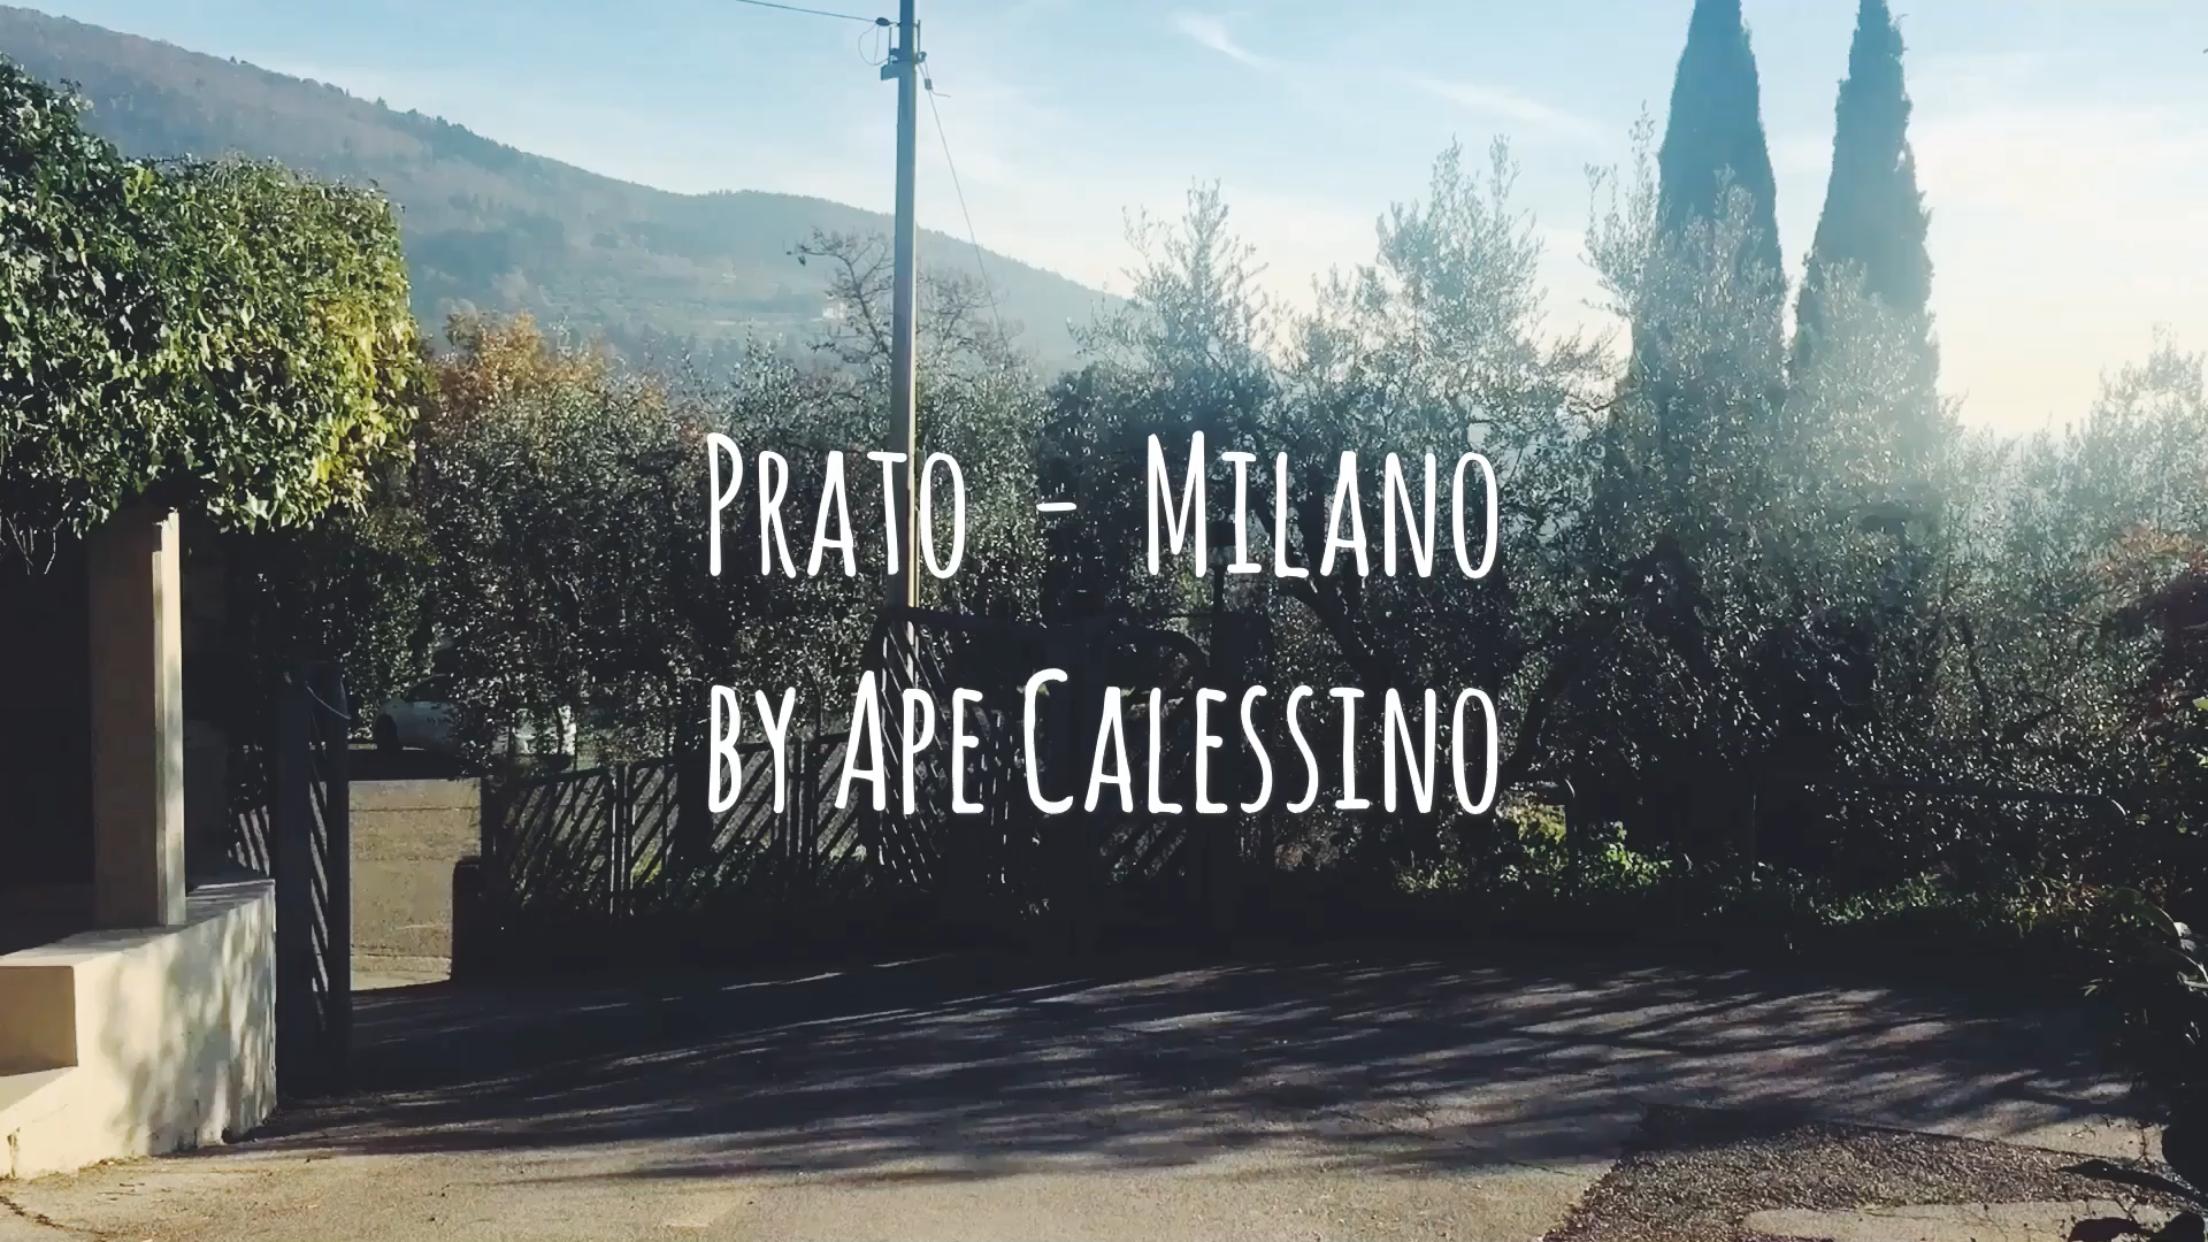 PRATO - MILANO by Ape Calessino 2016